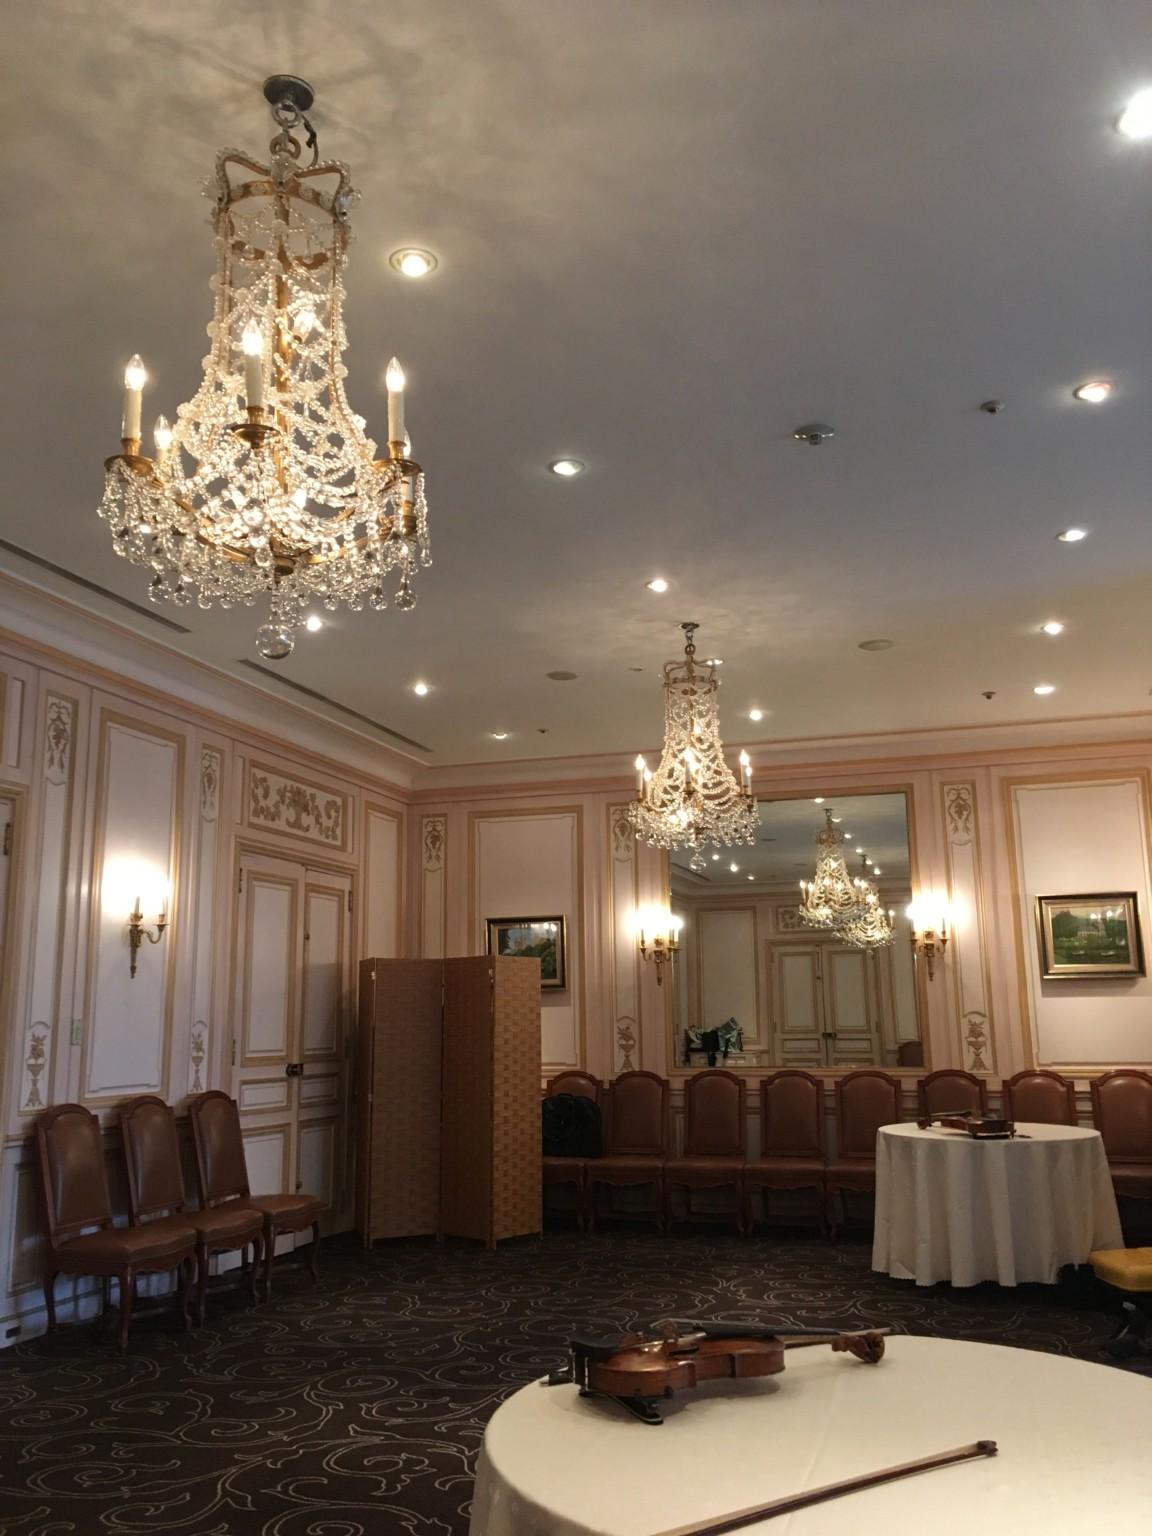 弦楽四重奏演奏の高級感のある控え室です